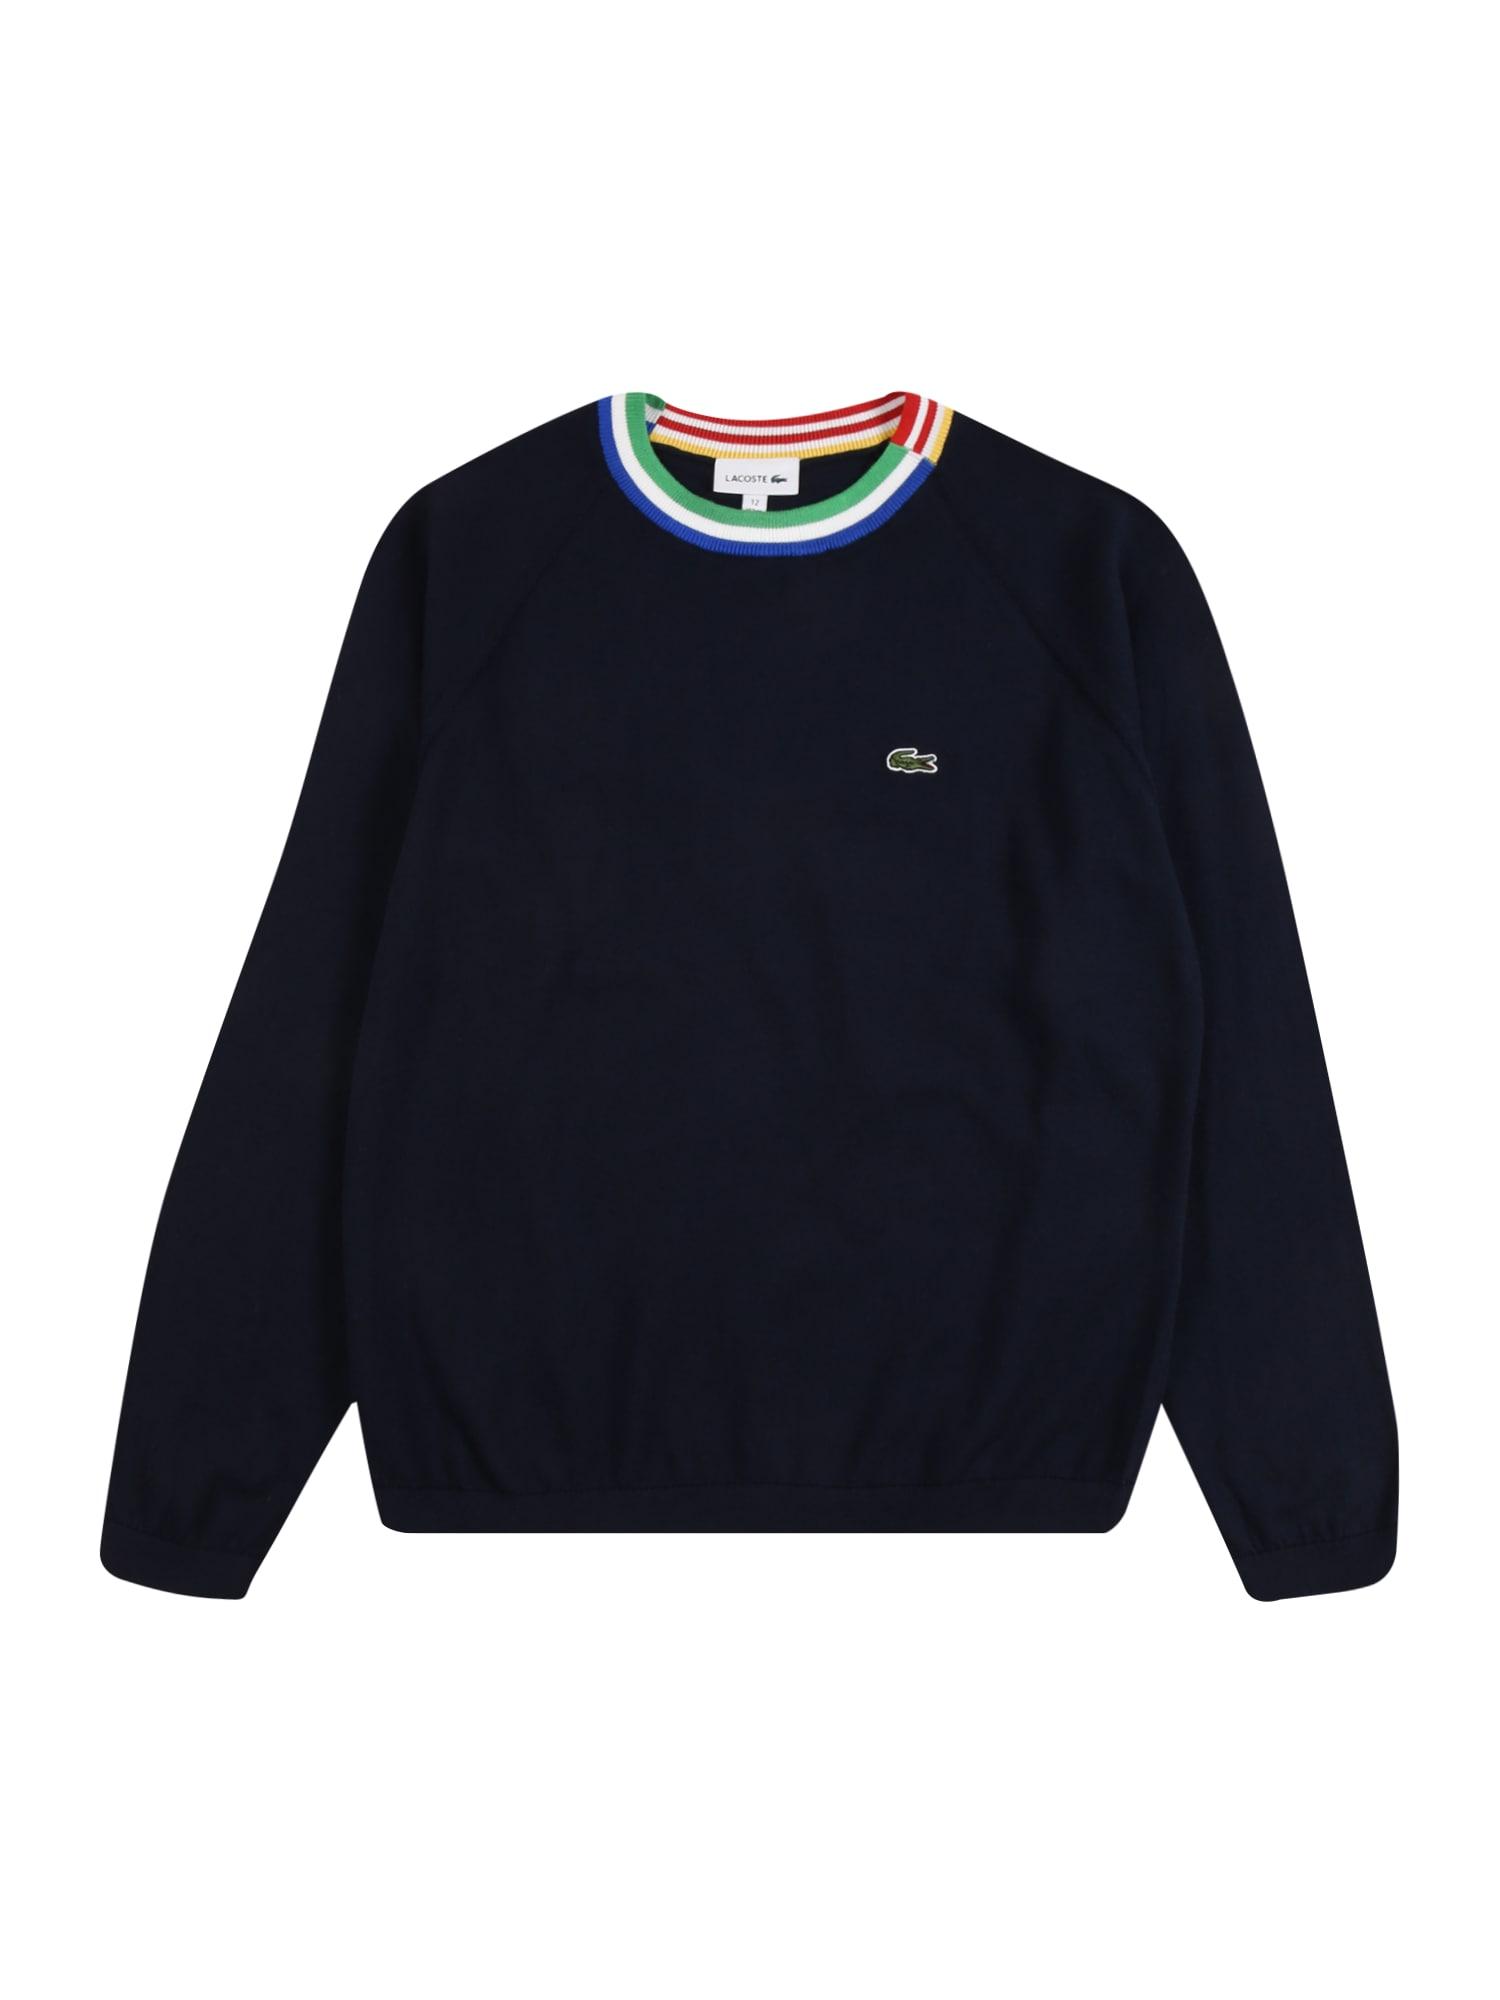 LACOSTE Megztinis tamsiai mėlyna / mėlyna / balta / šviesiai žalia / mišrios spalvos